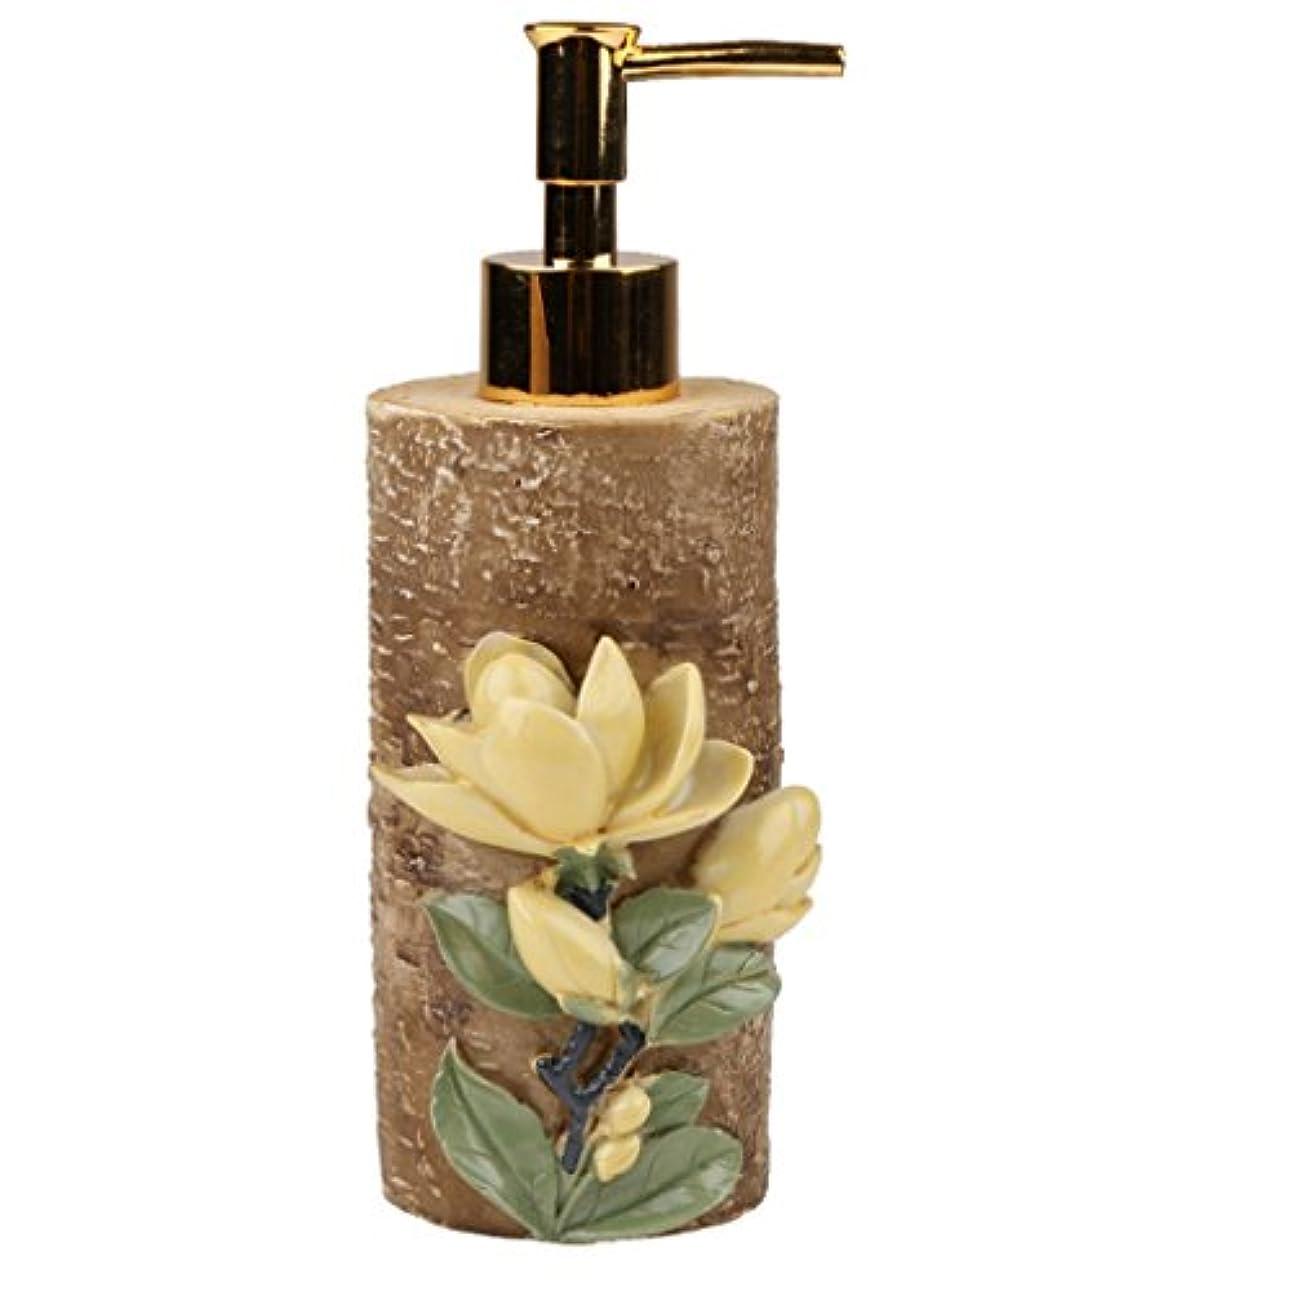 エンゲージメント最大化するサバント空 詰め替え ポンプ 瓶 シャンプー ボディークレンザー 液体石鹸などローション適用 全4種類 - #4